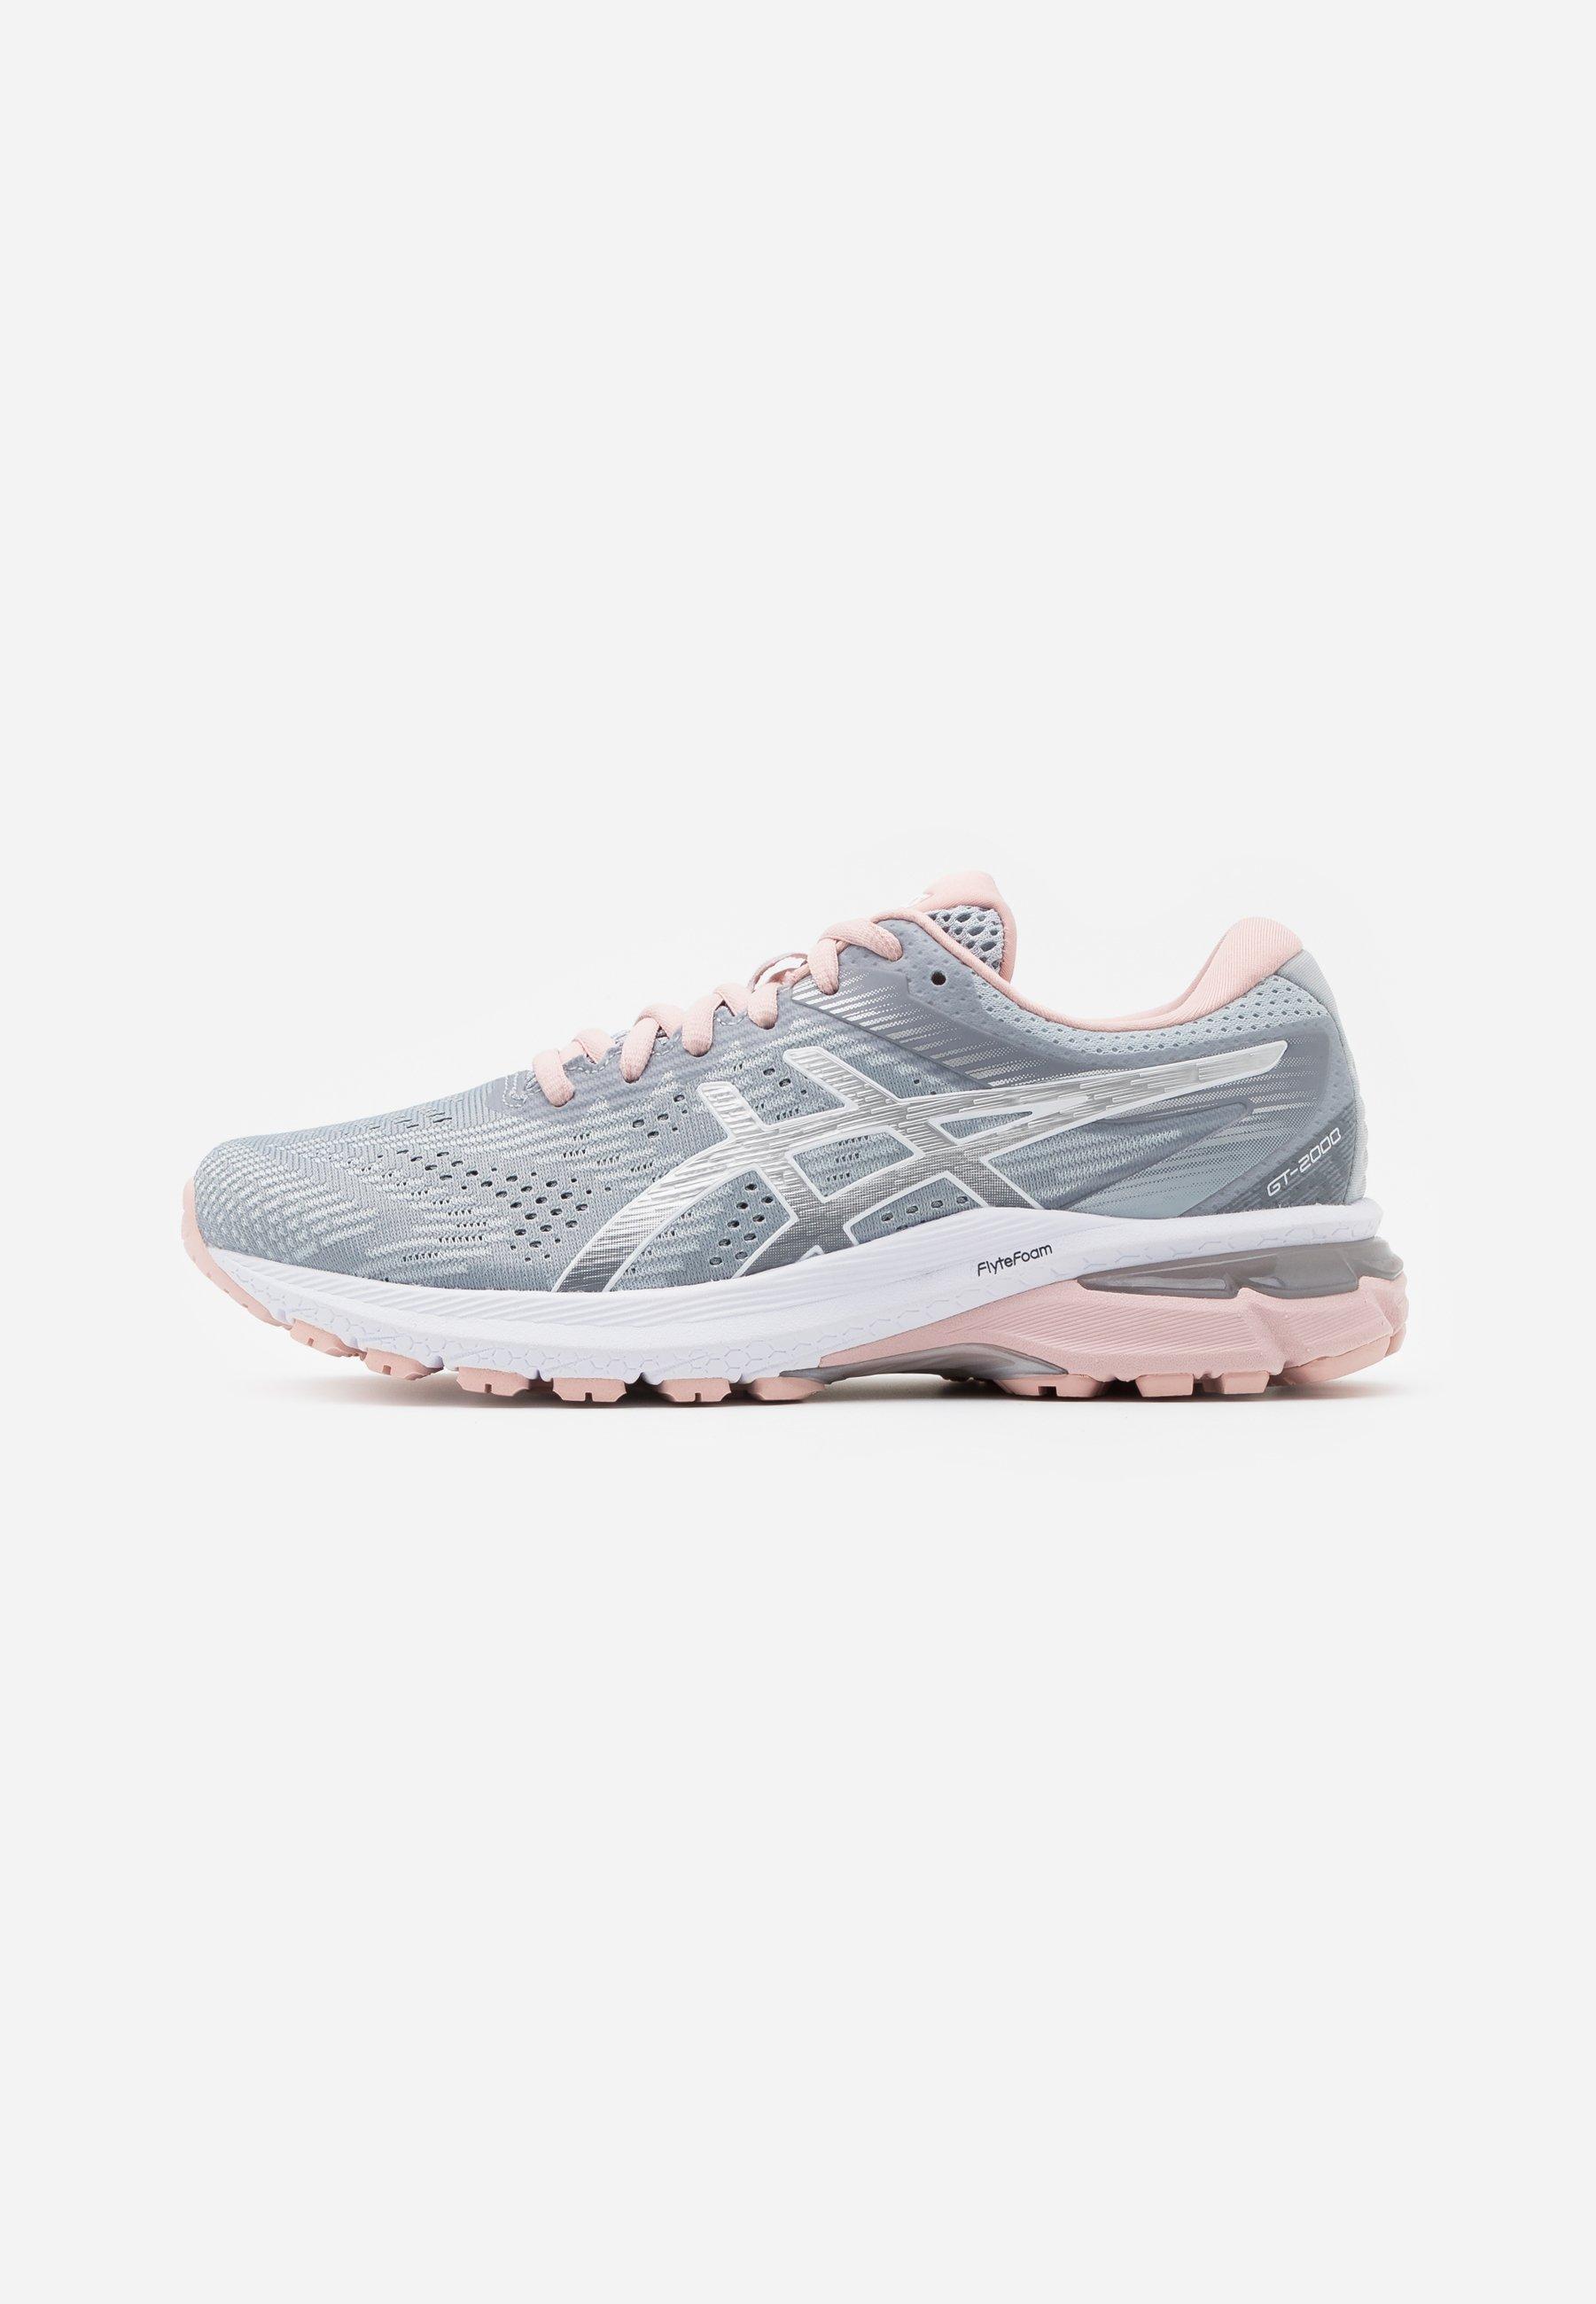 GT-2000 8 - Stabilty running shoes - sheet rock/pure silver